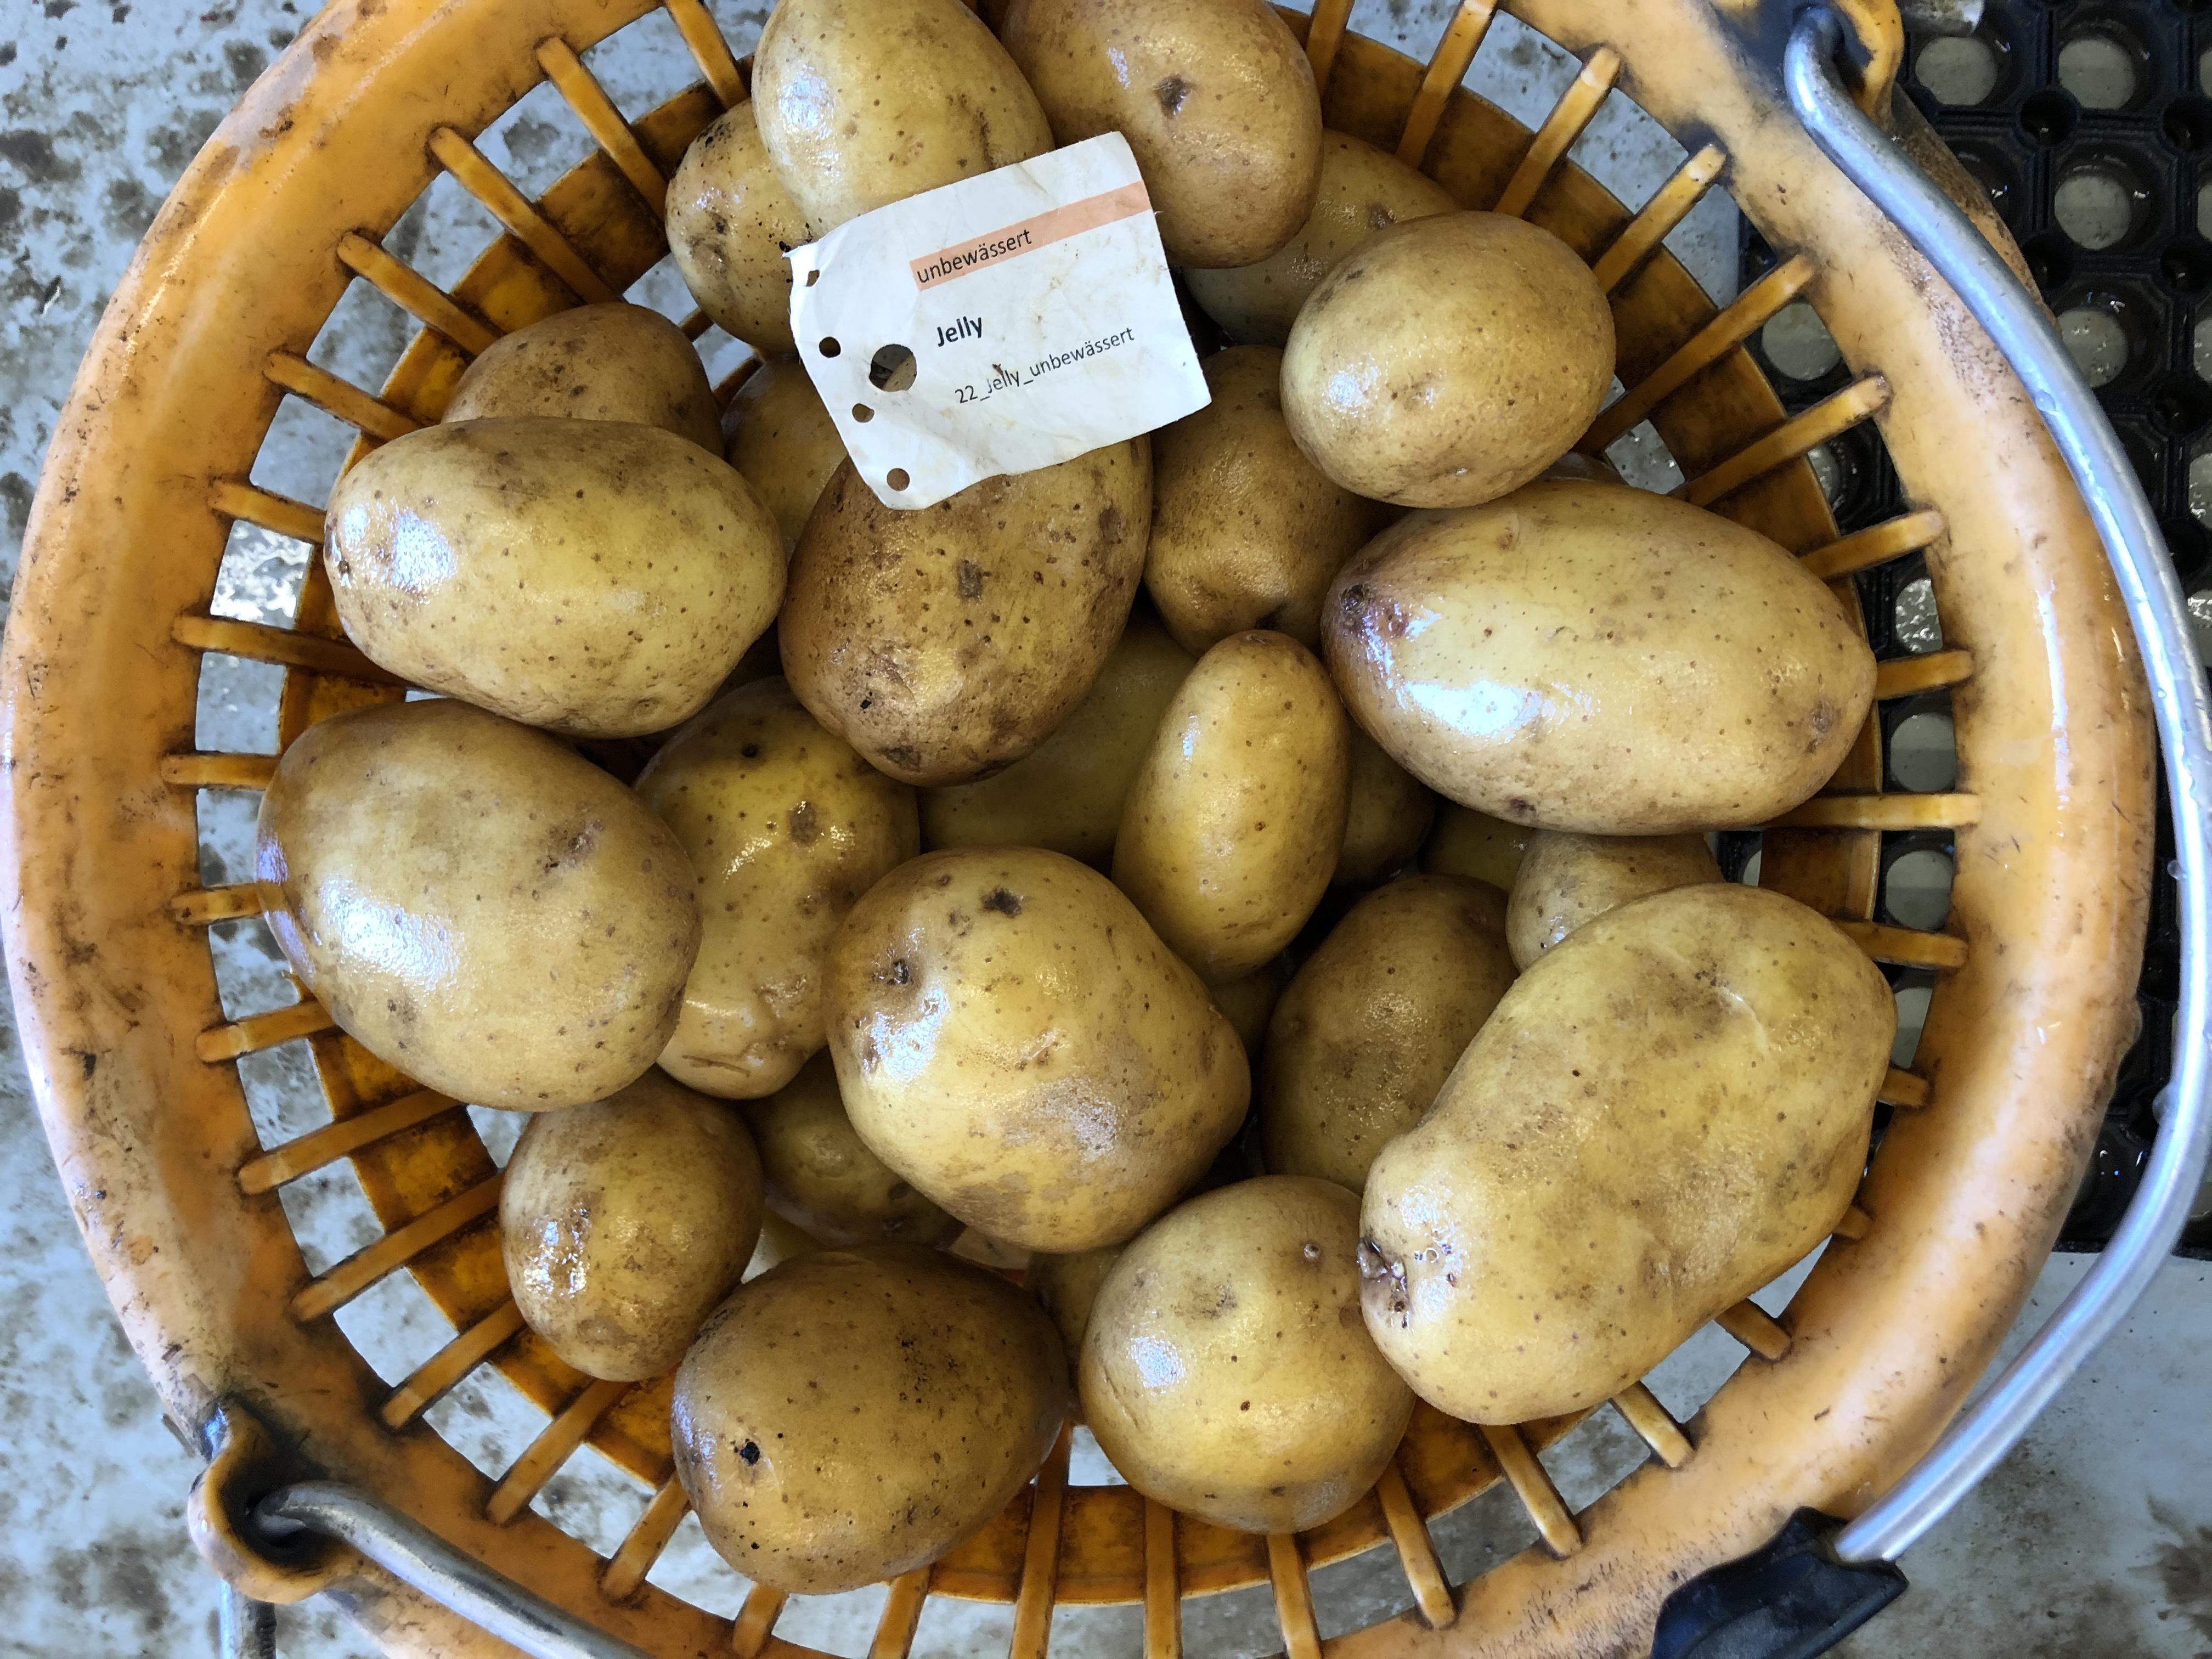 Waschprobe Sorte Jelly Kartoffel Sortenversuch Humlikon 2020